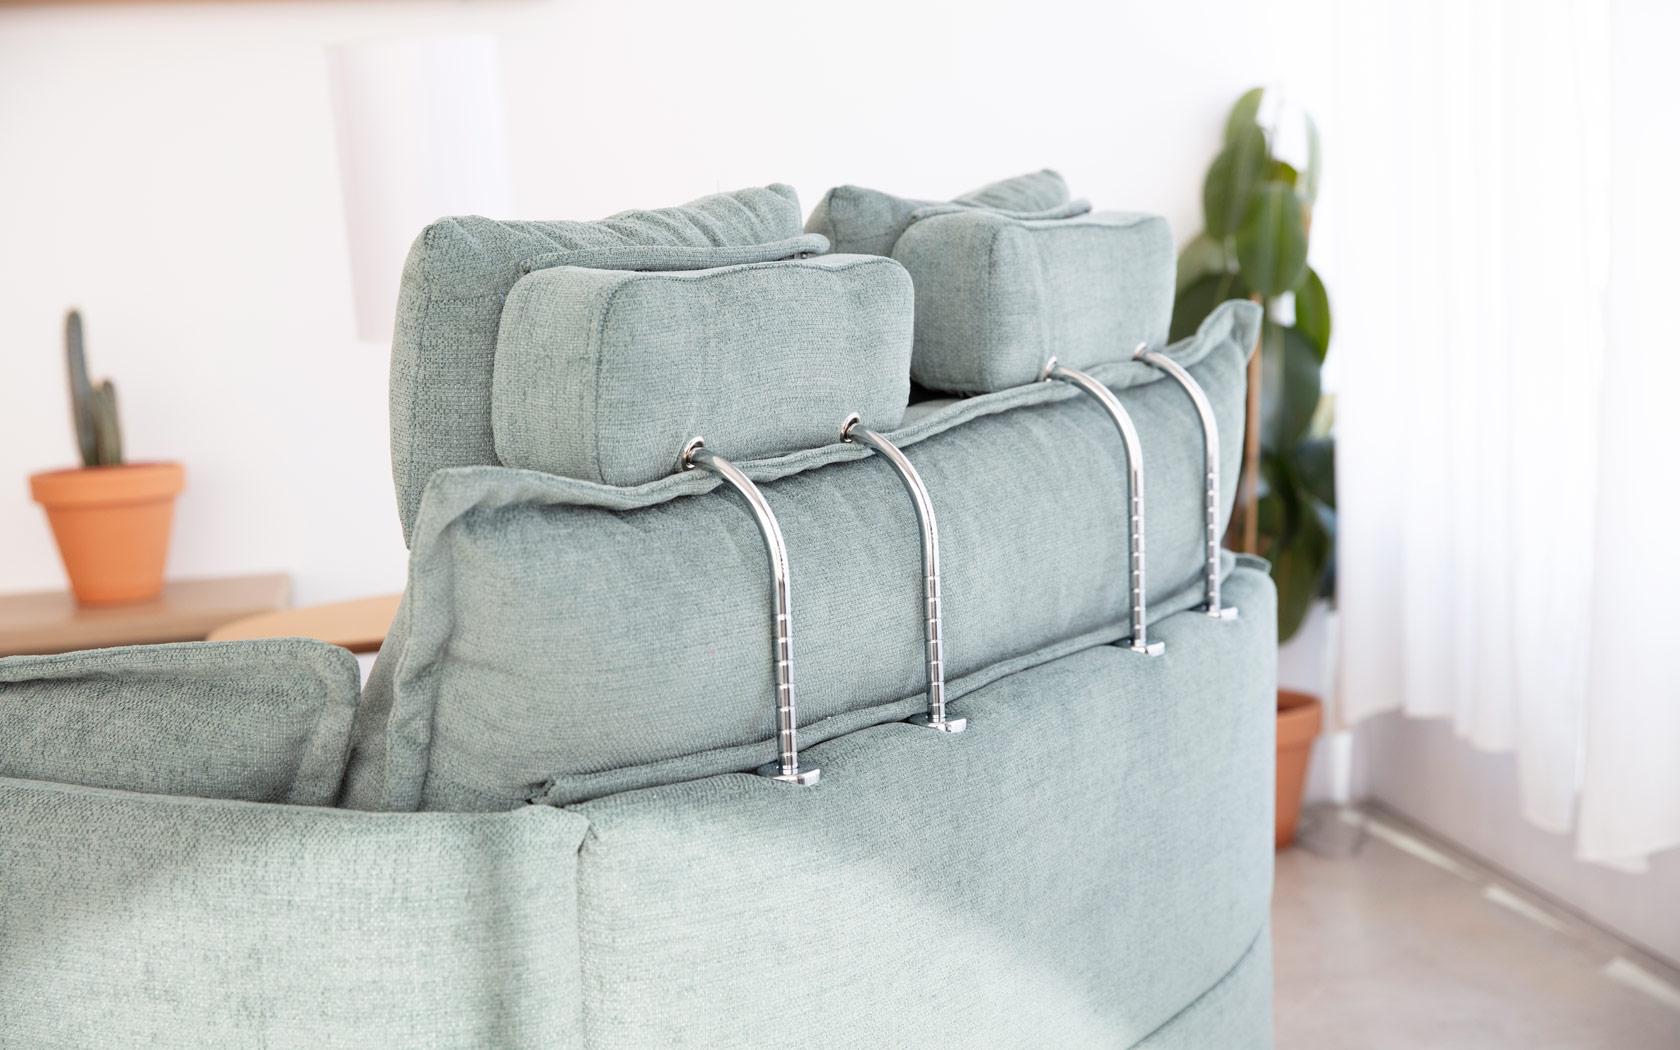 Nadia XL sillón doble Fama 2020 04